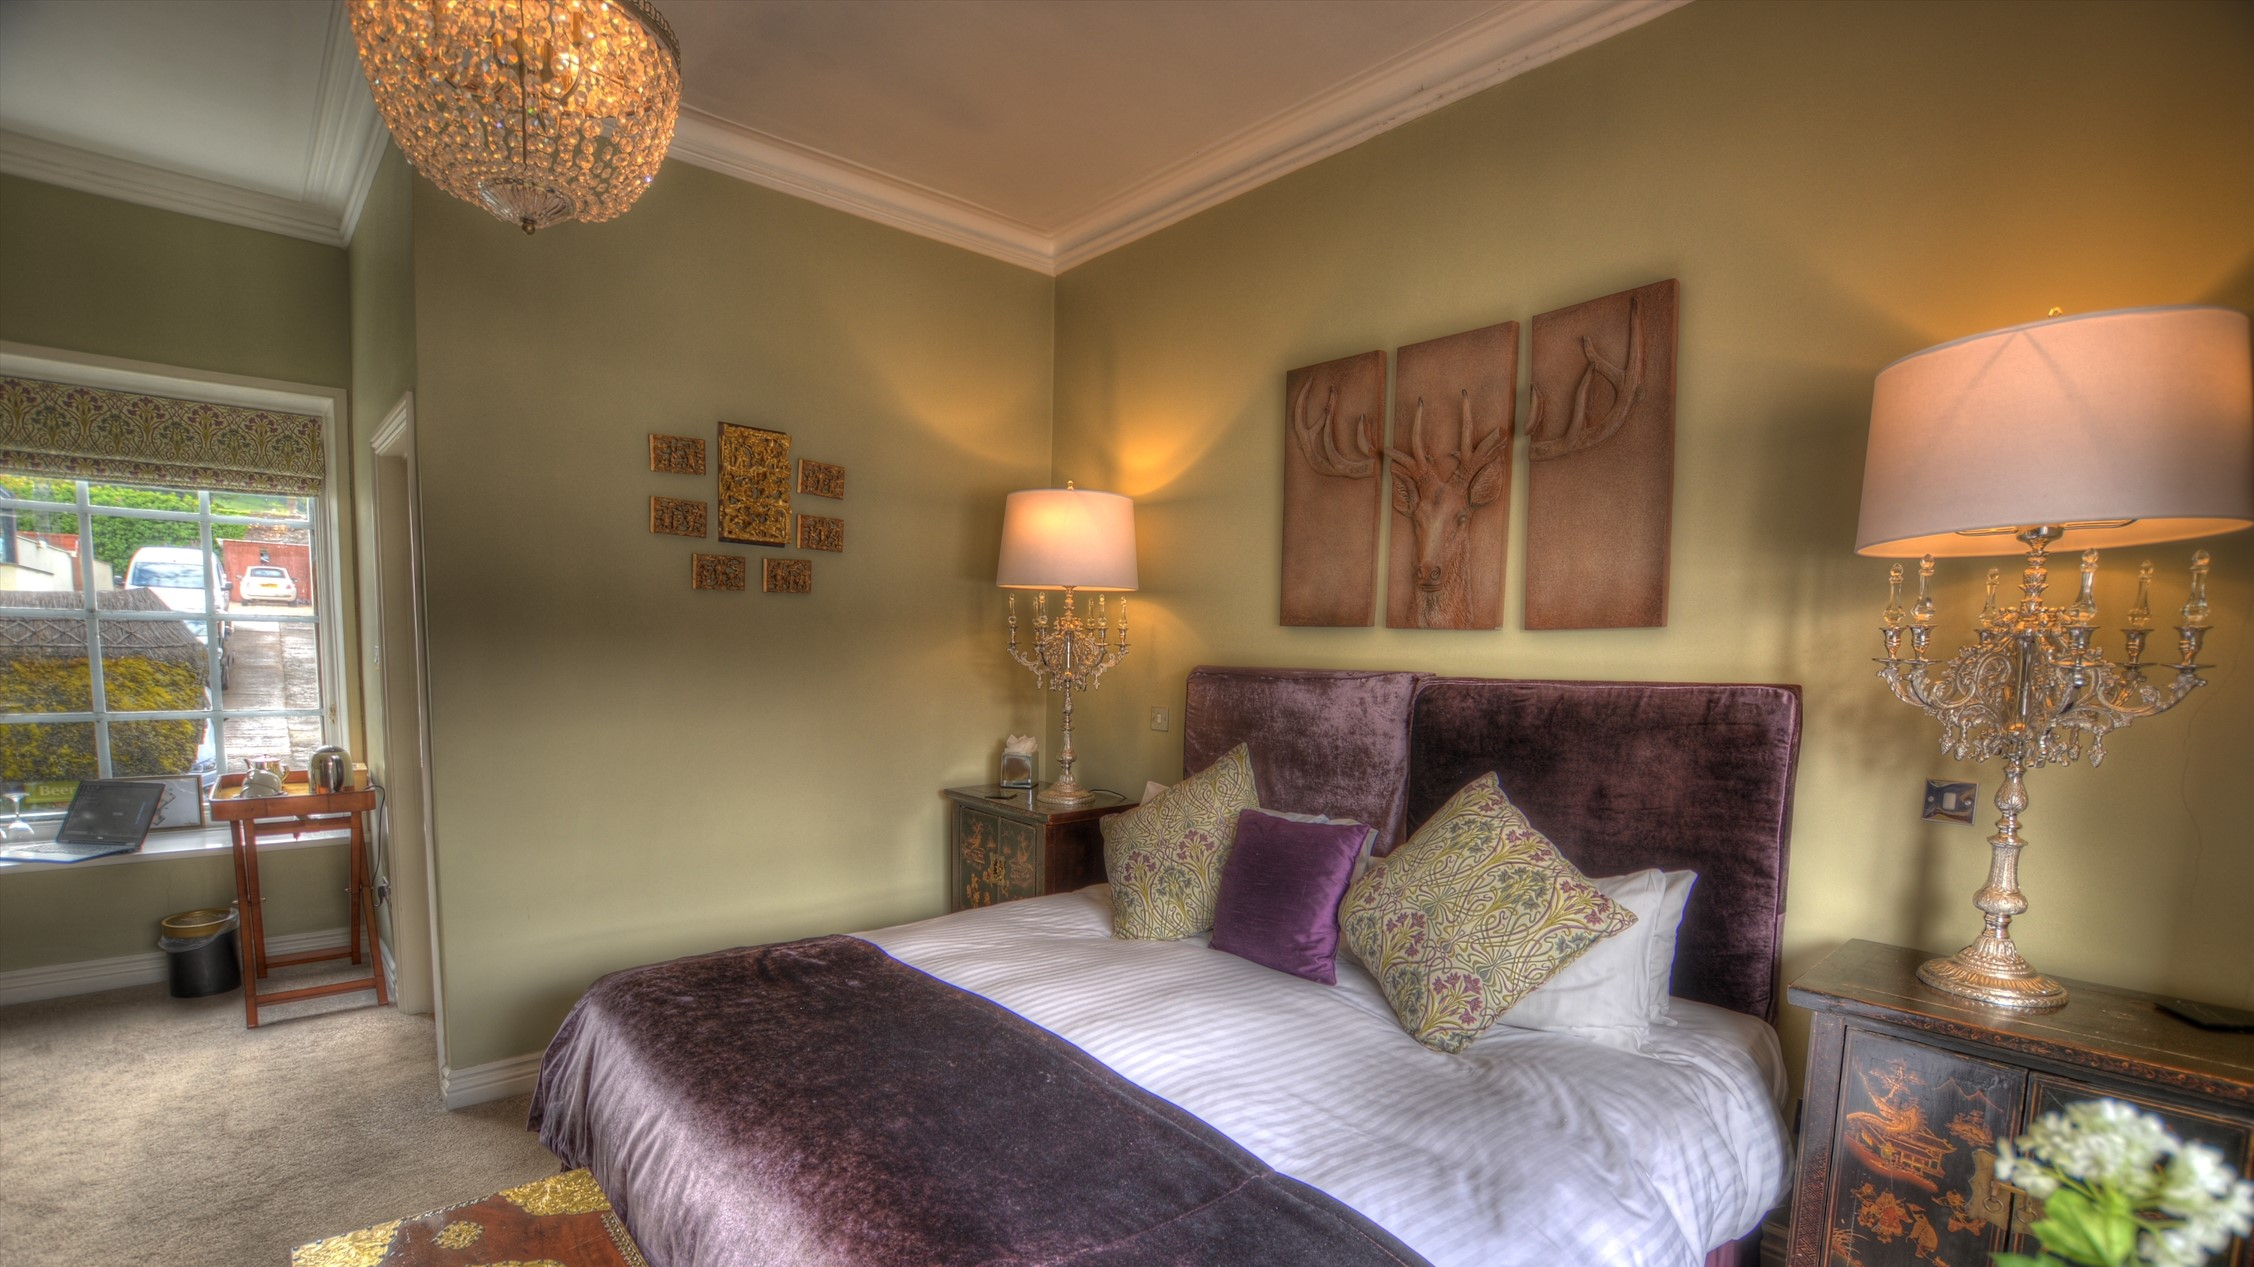 Conyger Room